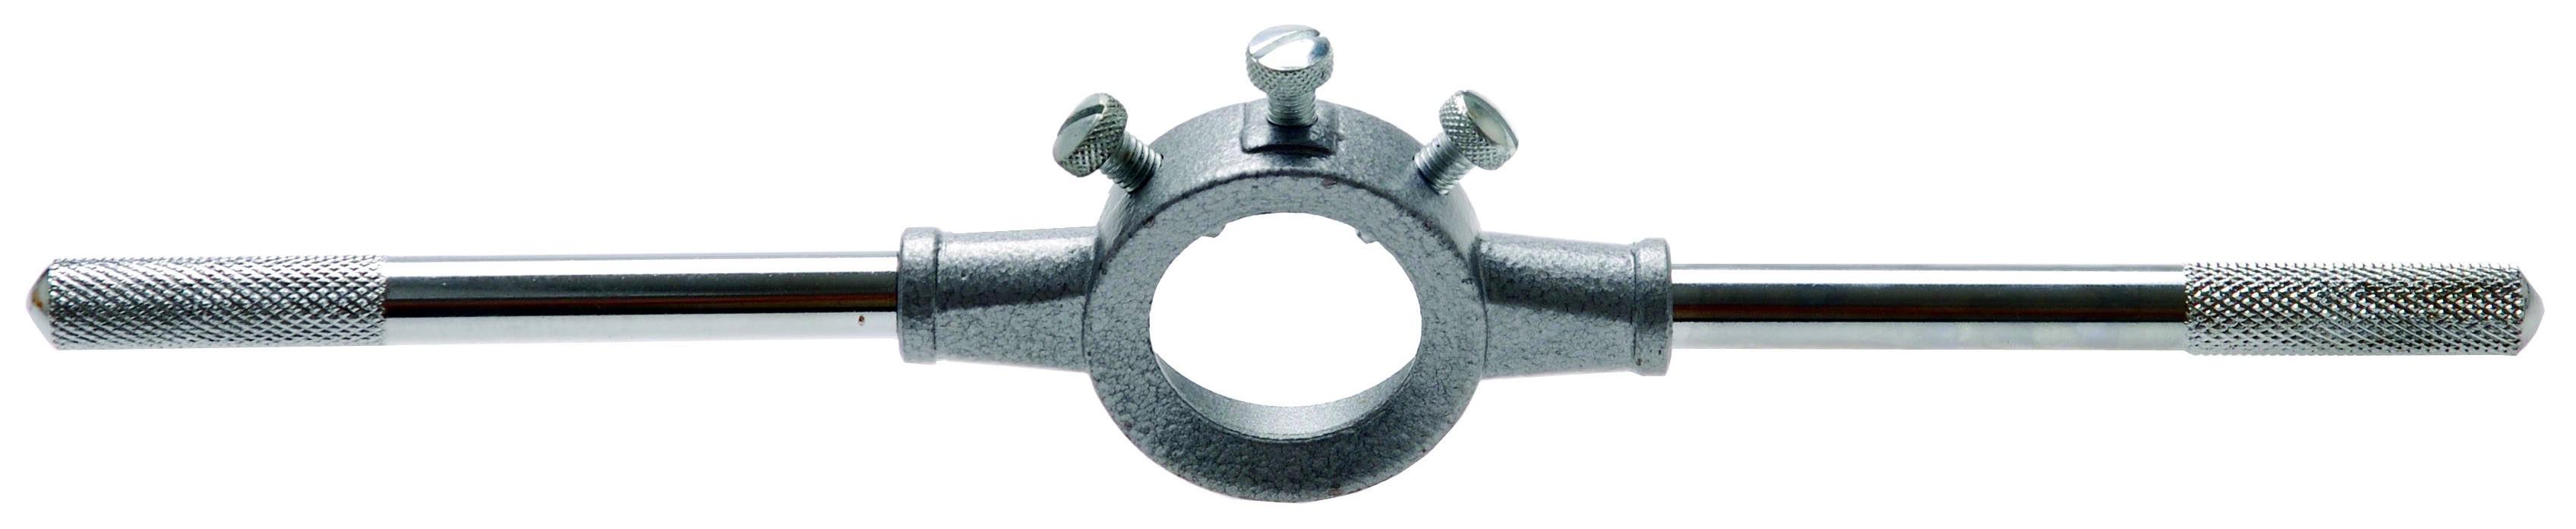 Porte filière support de filière à main 20x7mm de M4 à M6 Richmann C9041